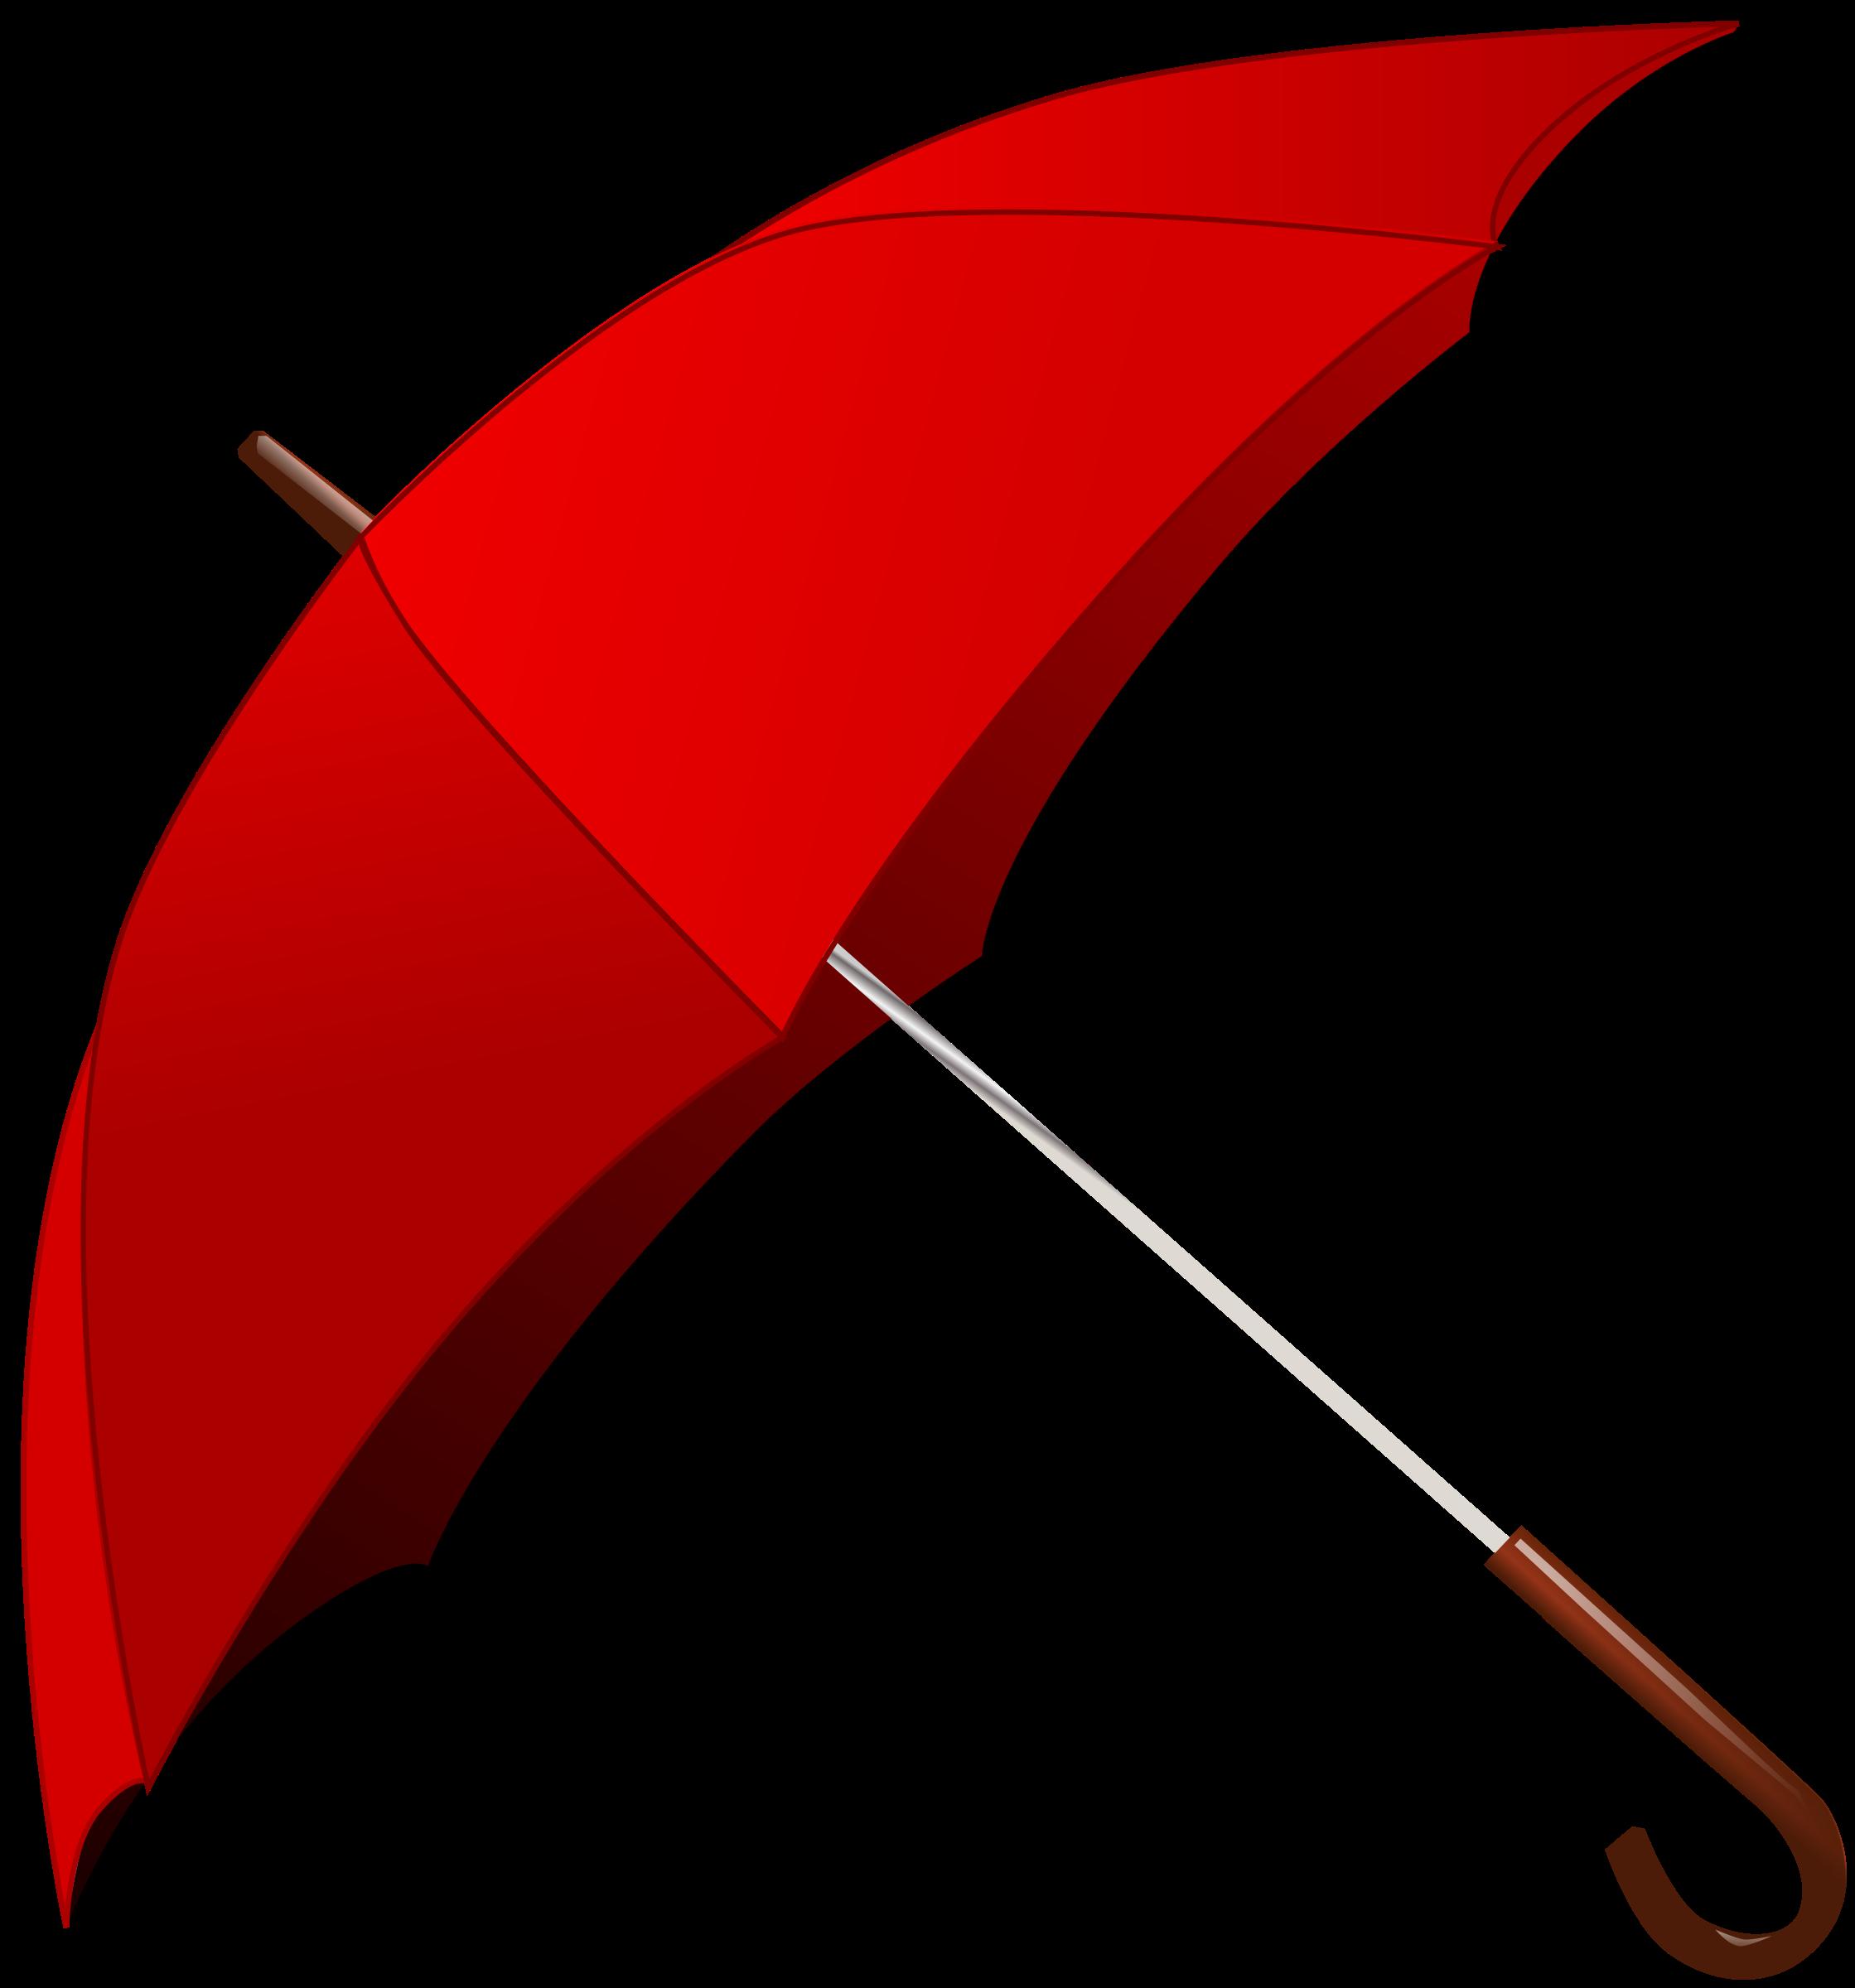 red 20closed 20umbrella  Umbrella